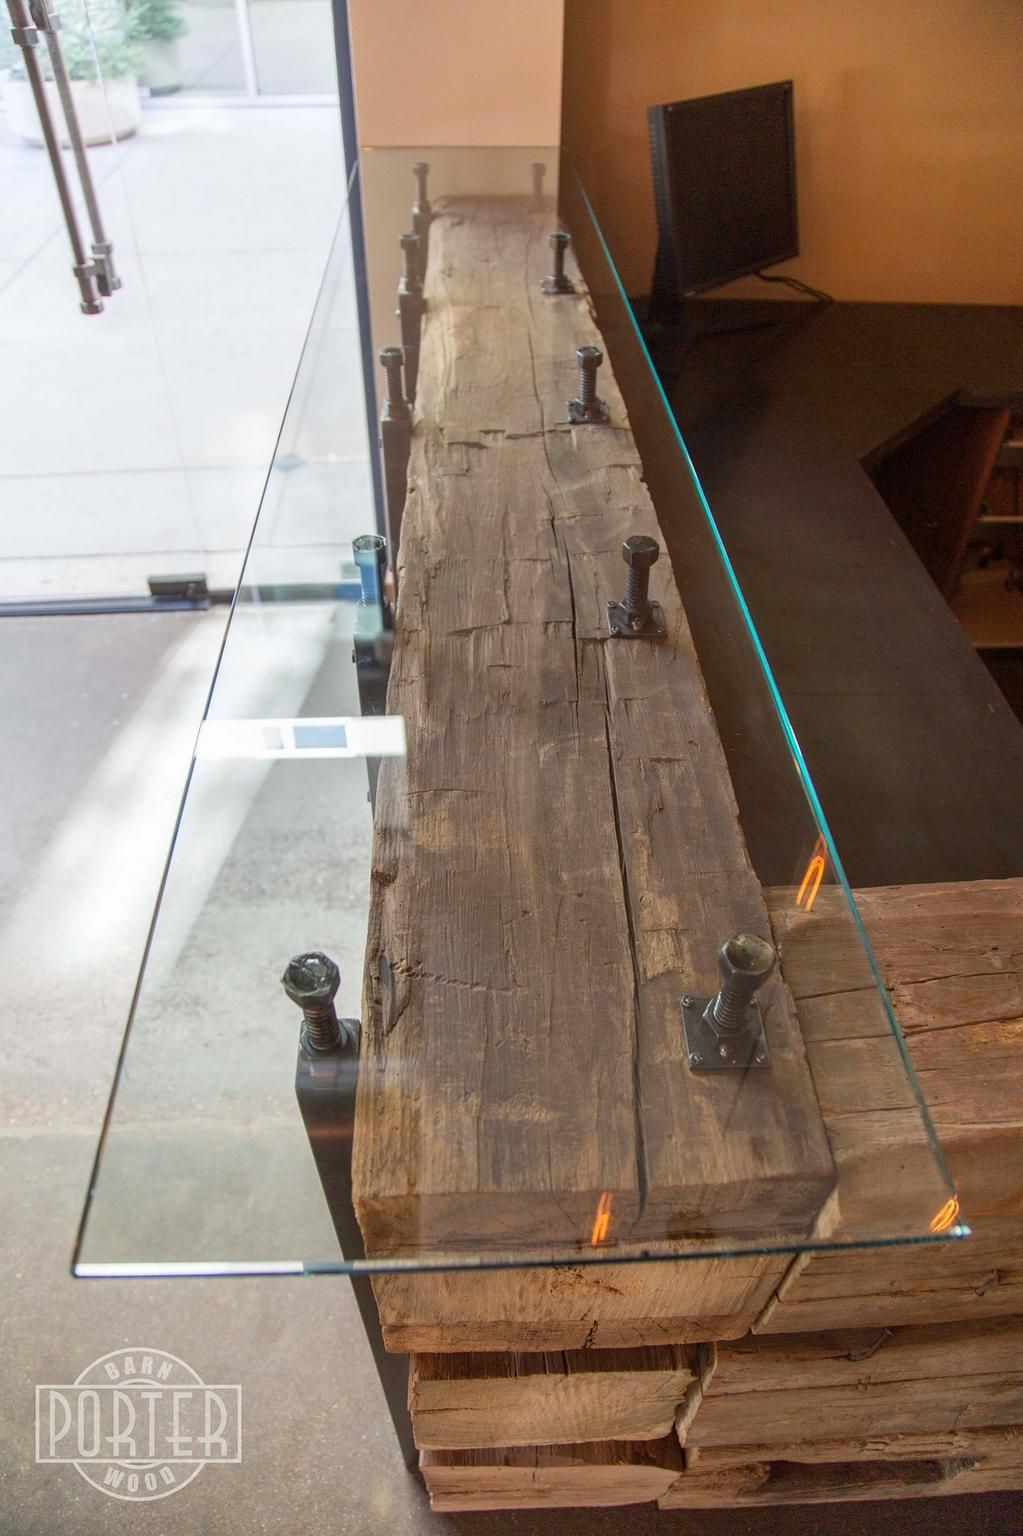 Statement Desk Top View Banchi Reception Arredamento Per